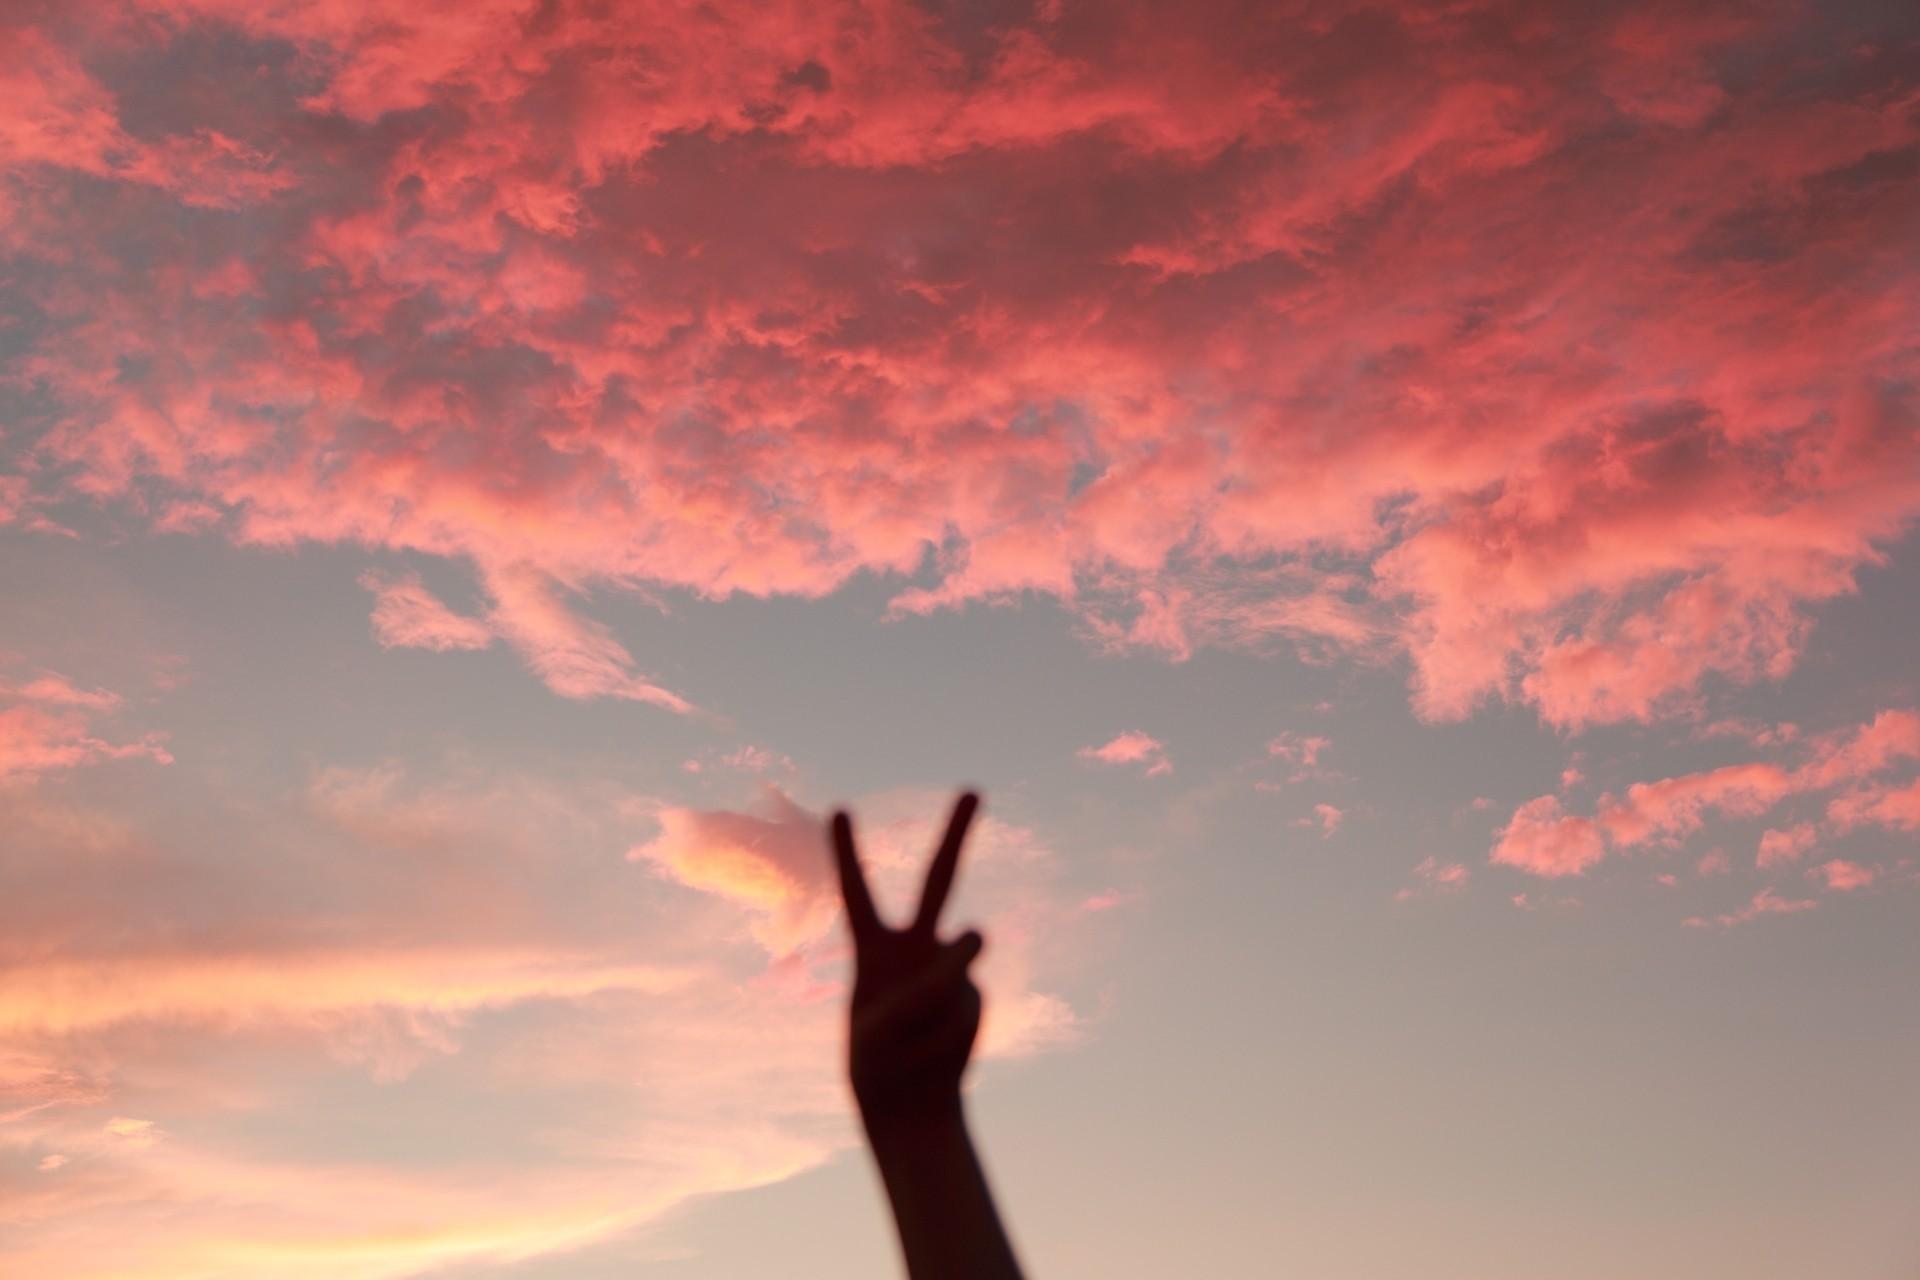 собак красивые картинки рук на фоне неба золото добавлением